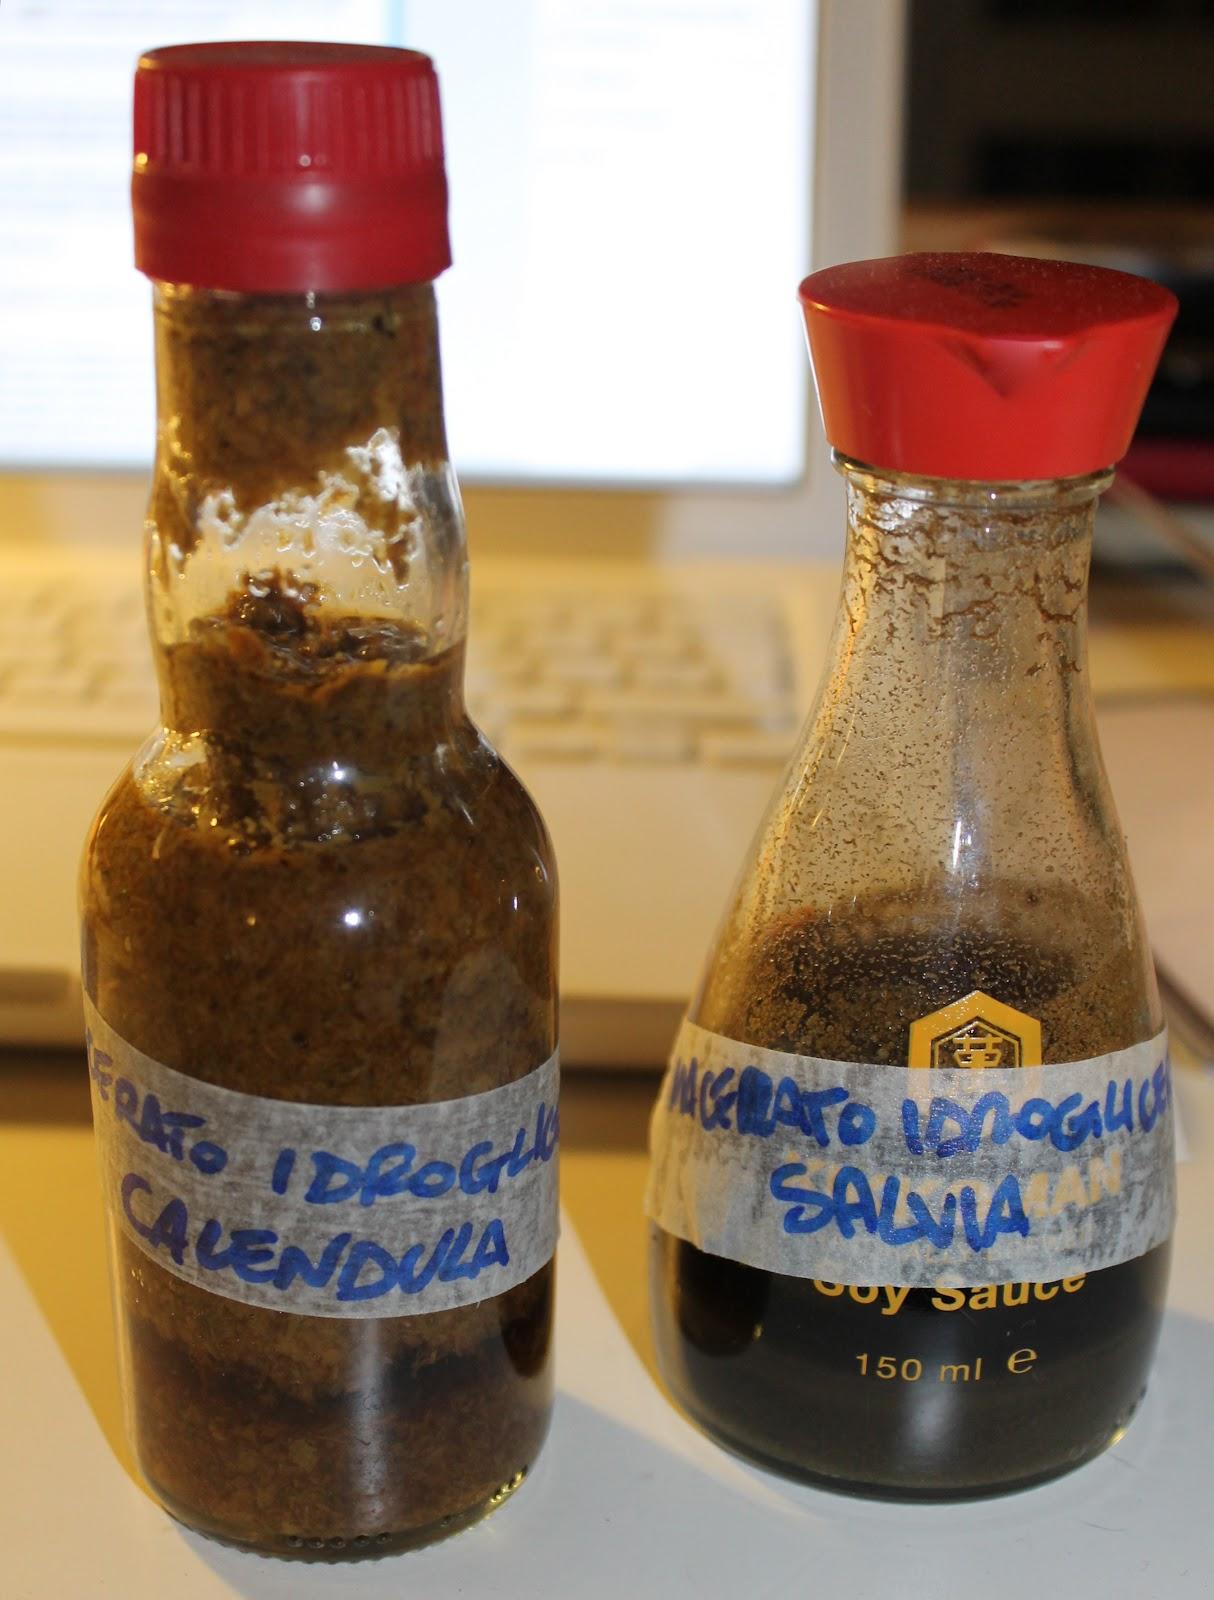 macerato idroglicerico fatto in casa